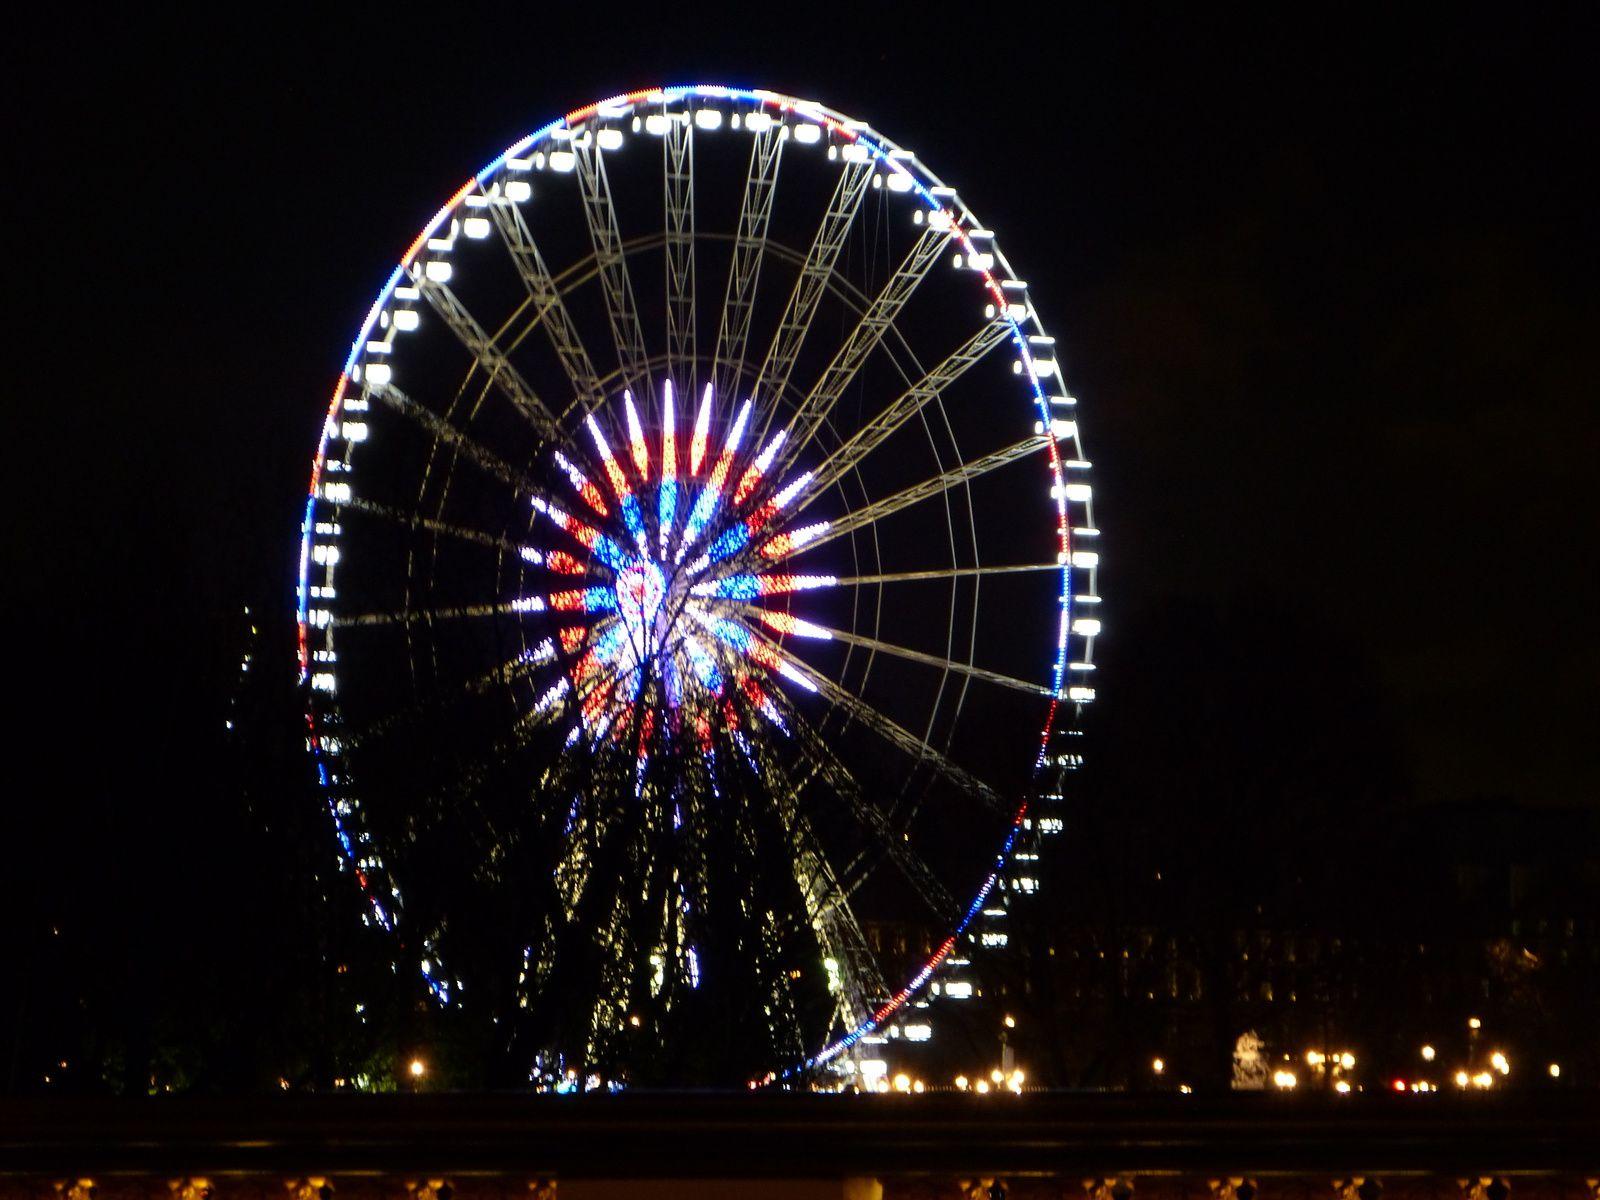 Paris habillé de lumière , 5 jours après les attentats du vendredi 13 novembre 2015...